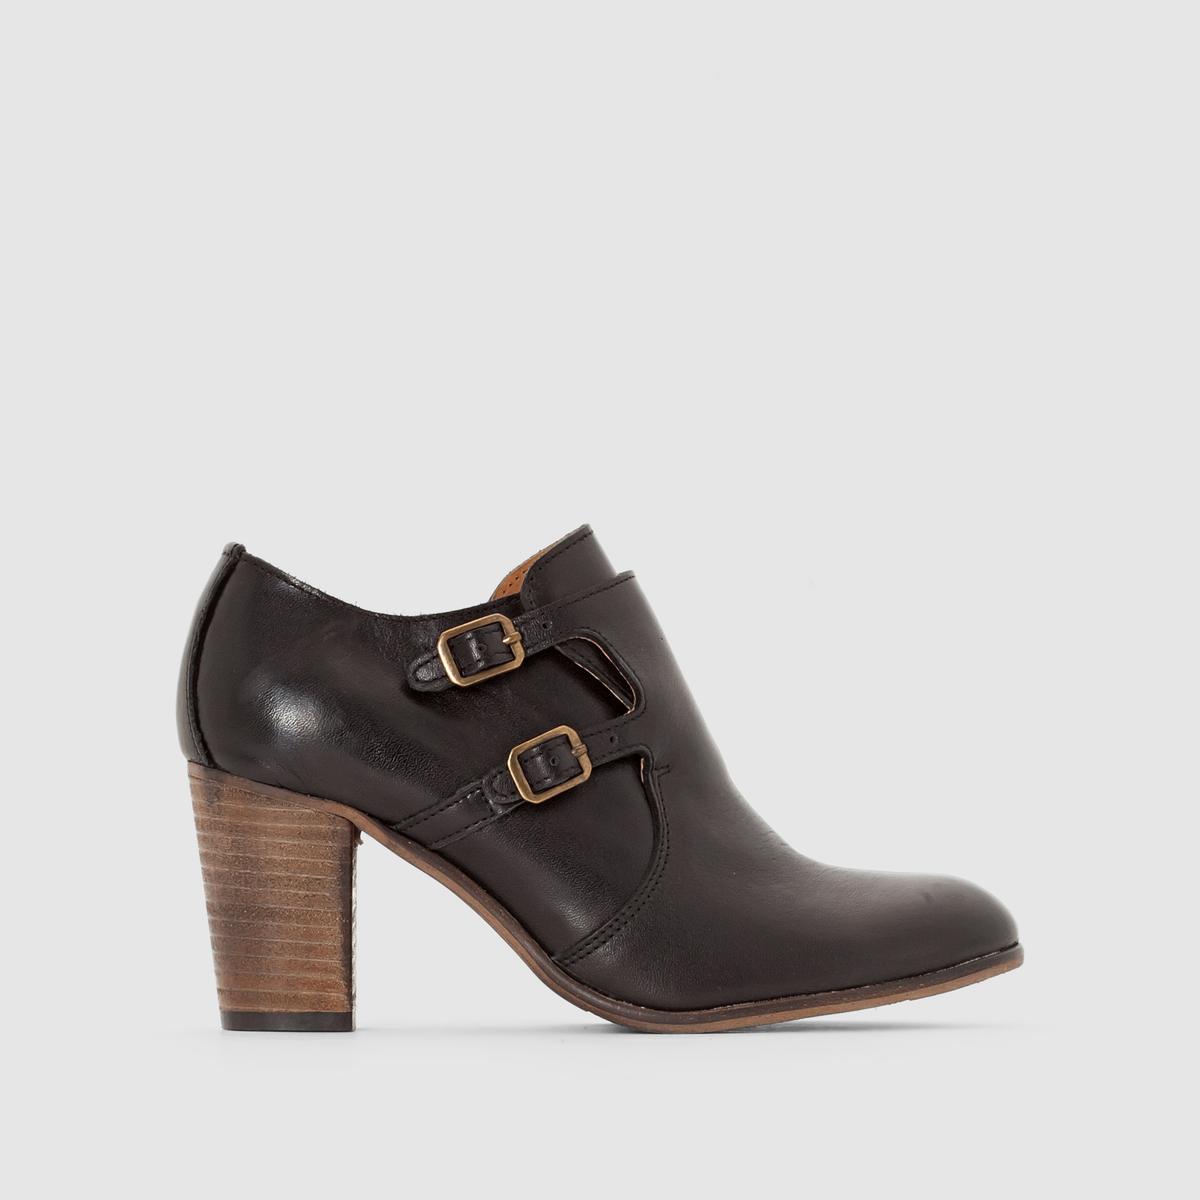 Ботинки-дерби кожаные на каблуке и с клапаном DailymocВерх/ Голенище: Кожа         Подкладка: Неотделанная кожа         Стелька: Неотделанная кожа         Подошва: Неолит         Высота каблука: Высокий (7 - 9 см)         Высота каблука: 5 см         Застежка: На молнии<br><br>Цвет: черный<br>Размер: 38